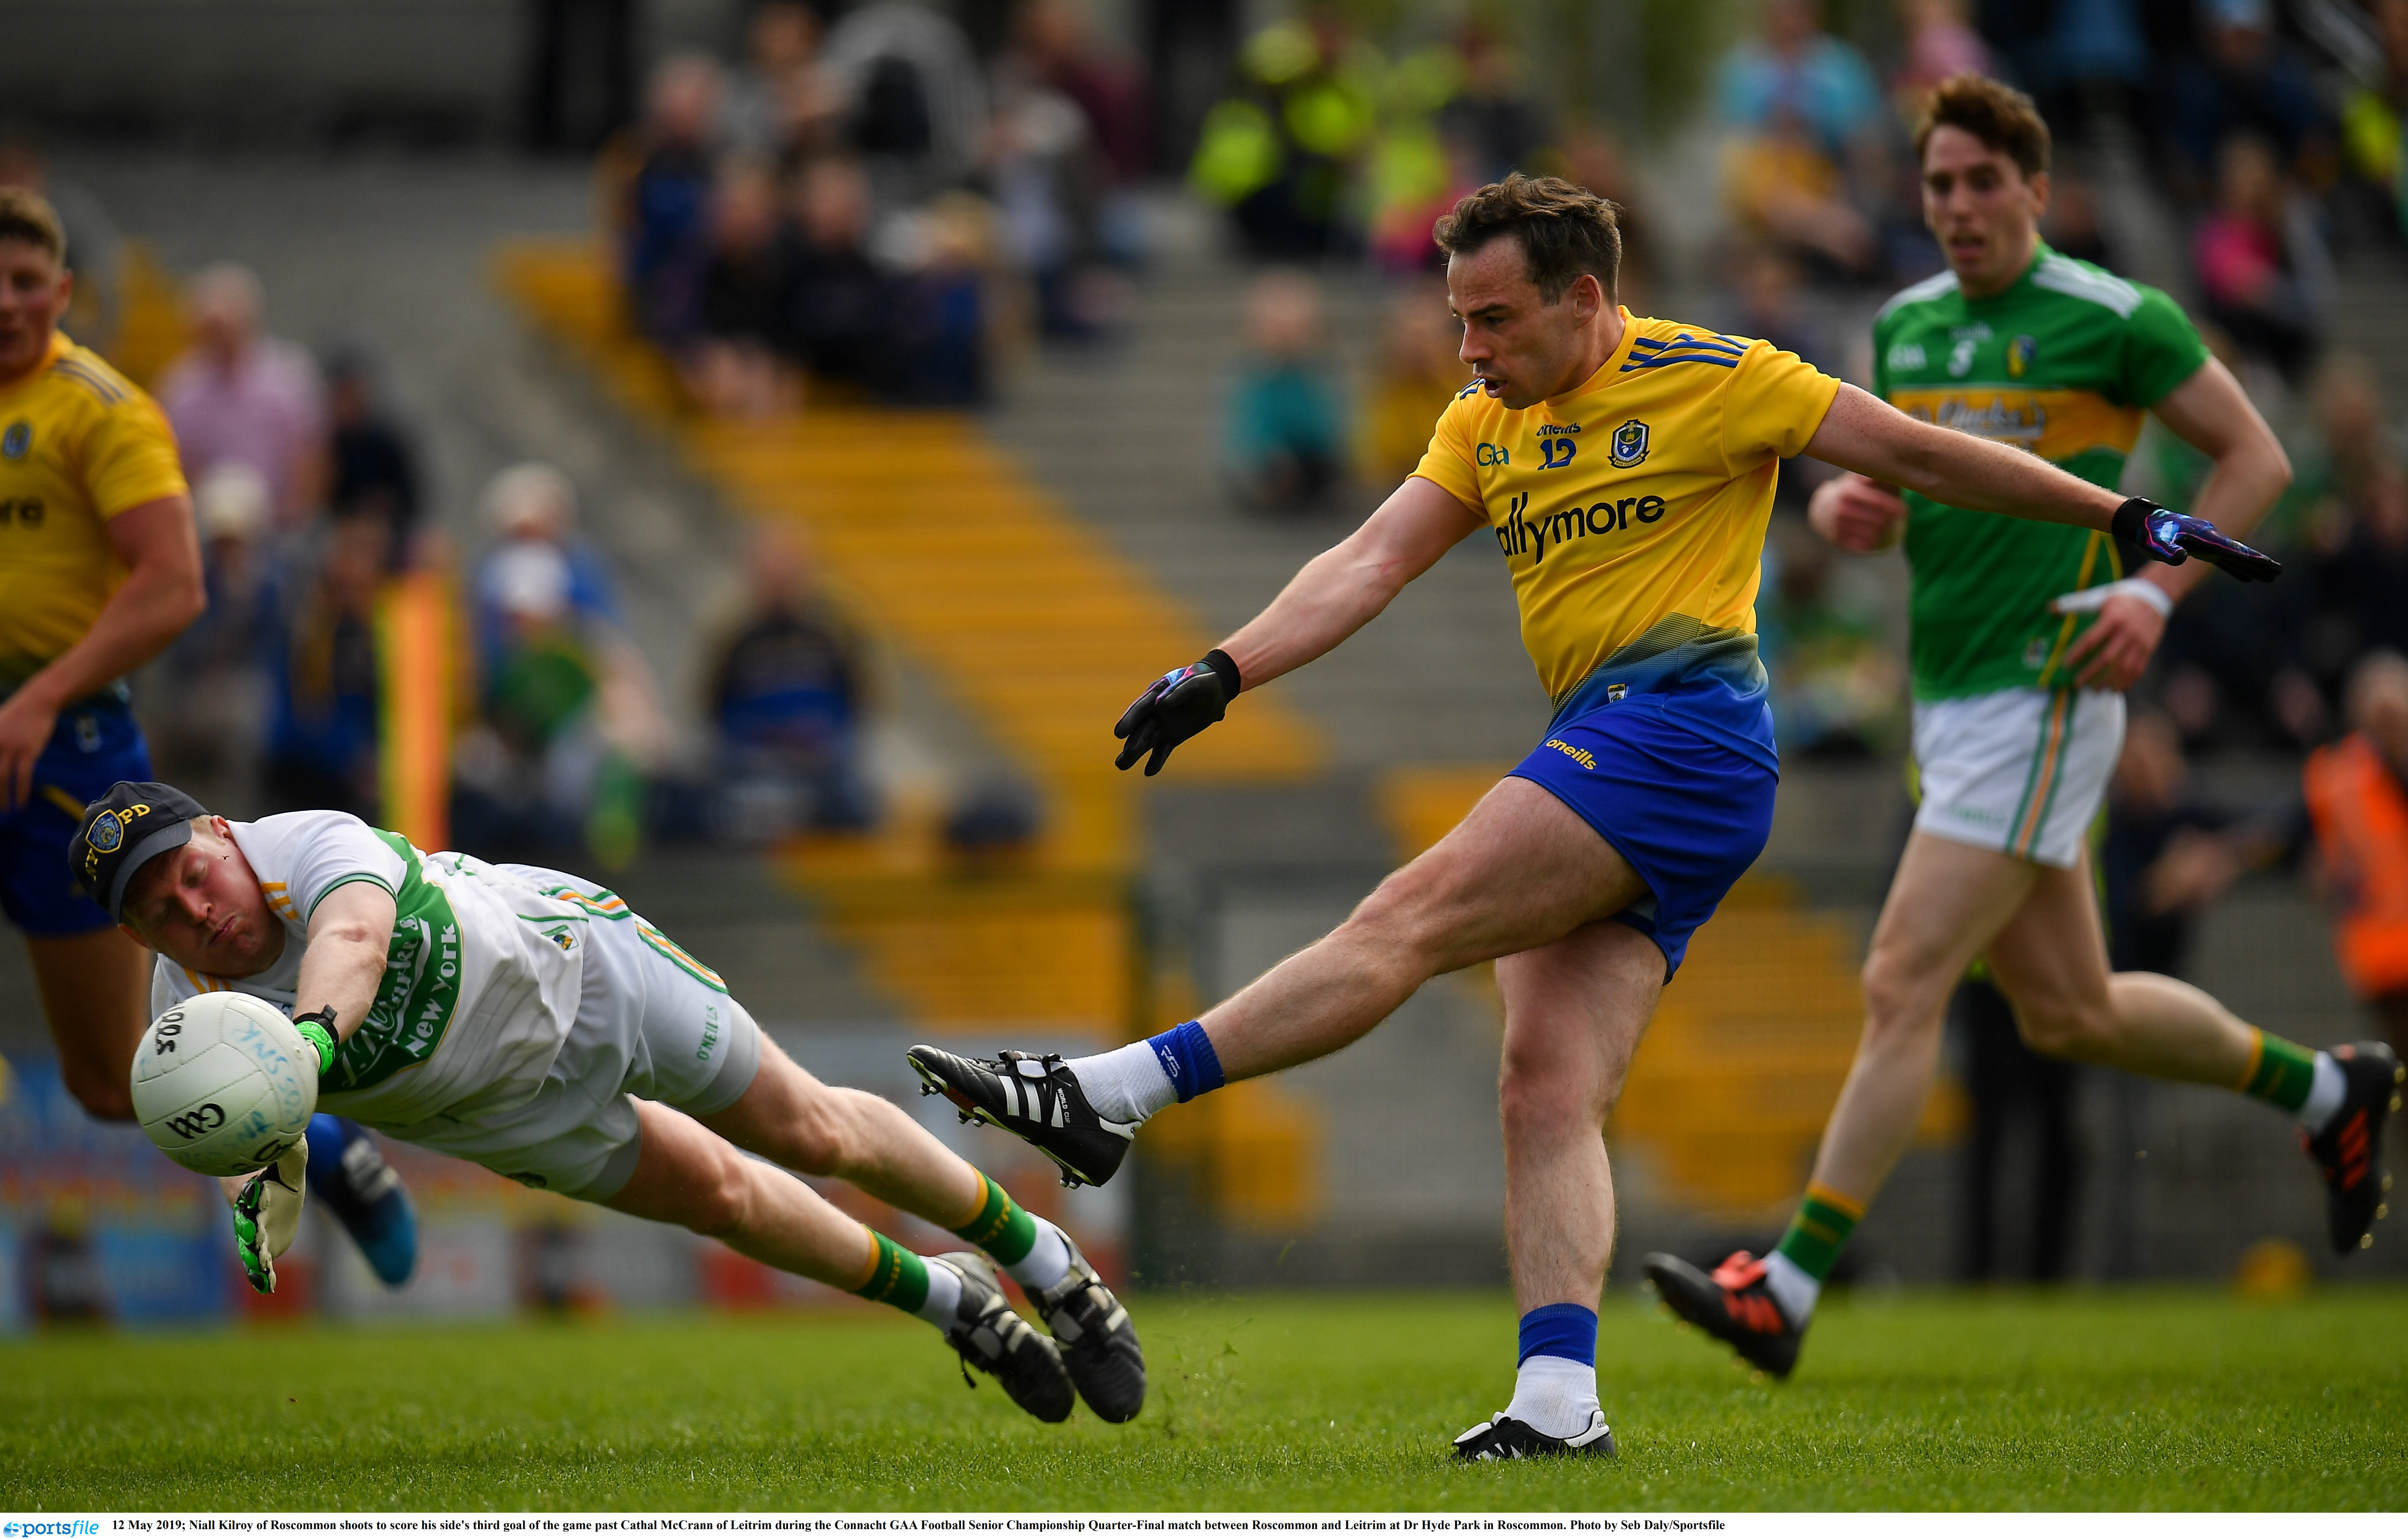 Roscommon Easily Defeat Leitrim to set up Mayo Showdown